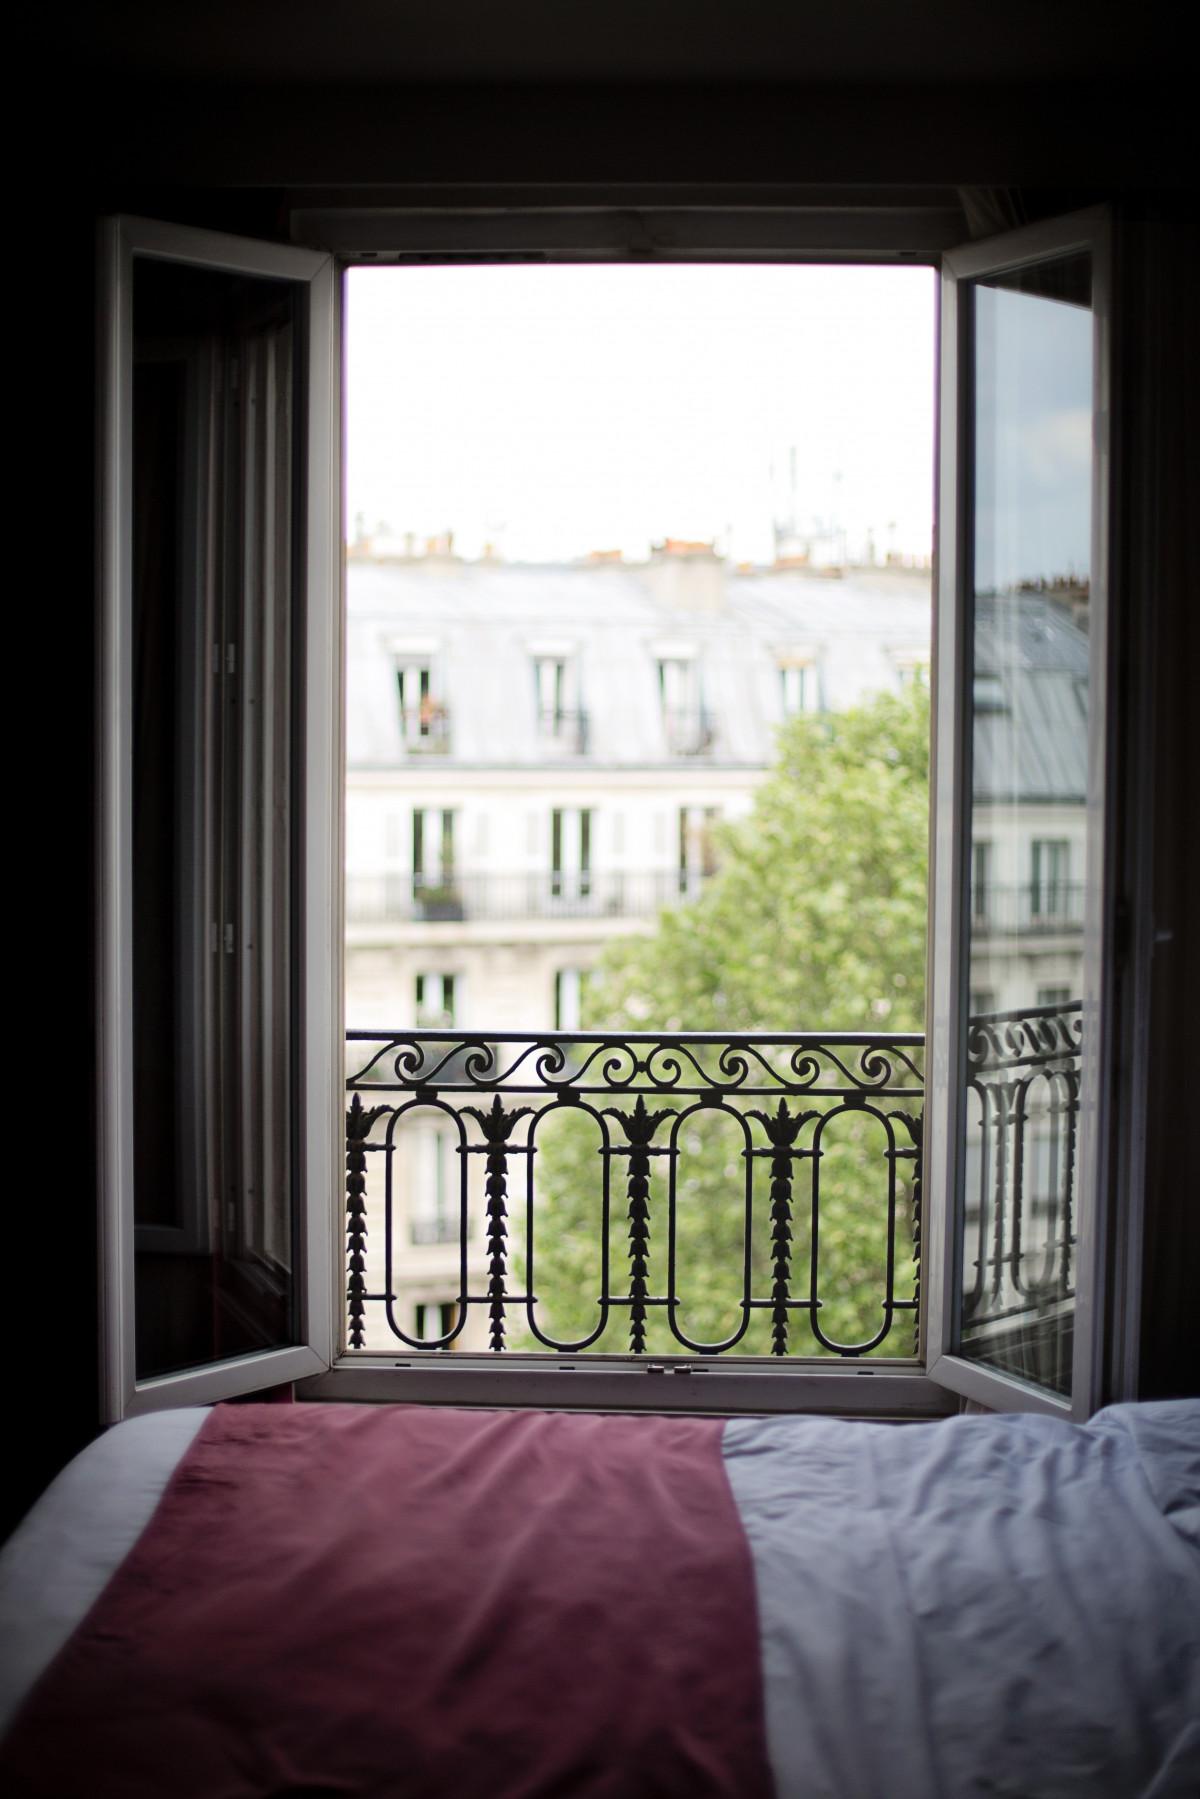 architecture Manoir maison intérieur fenêtre Paris maison France L'Europe  chalet rideau propriété salon chambre chambre Design d'intérieur un hôtel lit biens Fenêtre de la chambre Couverture de fenêtre